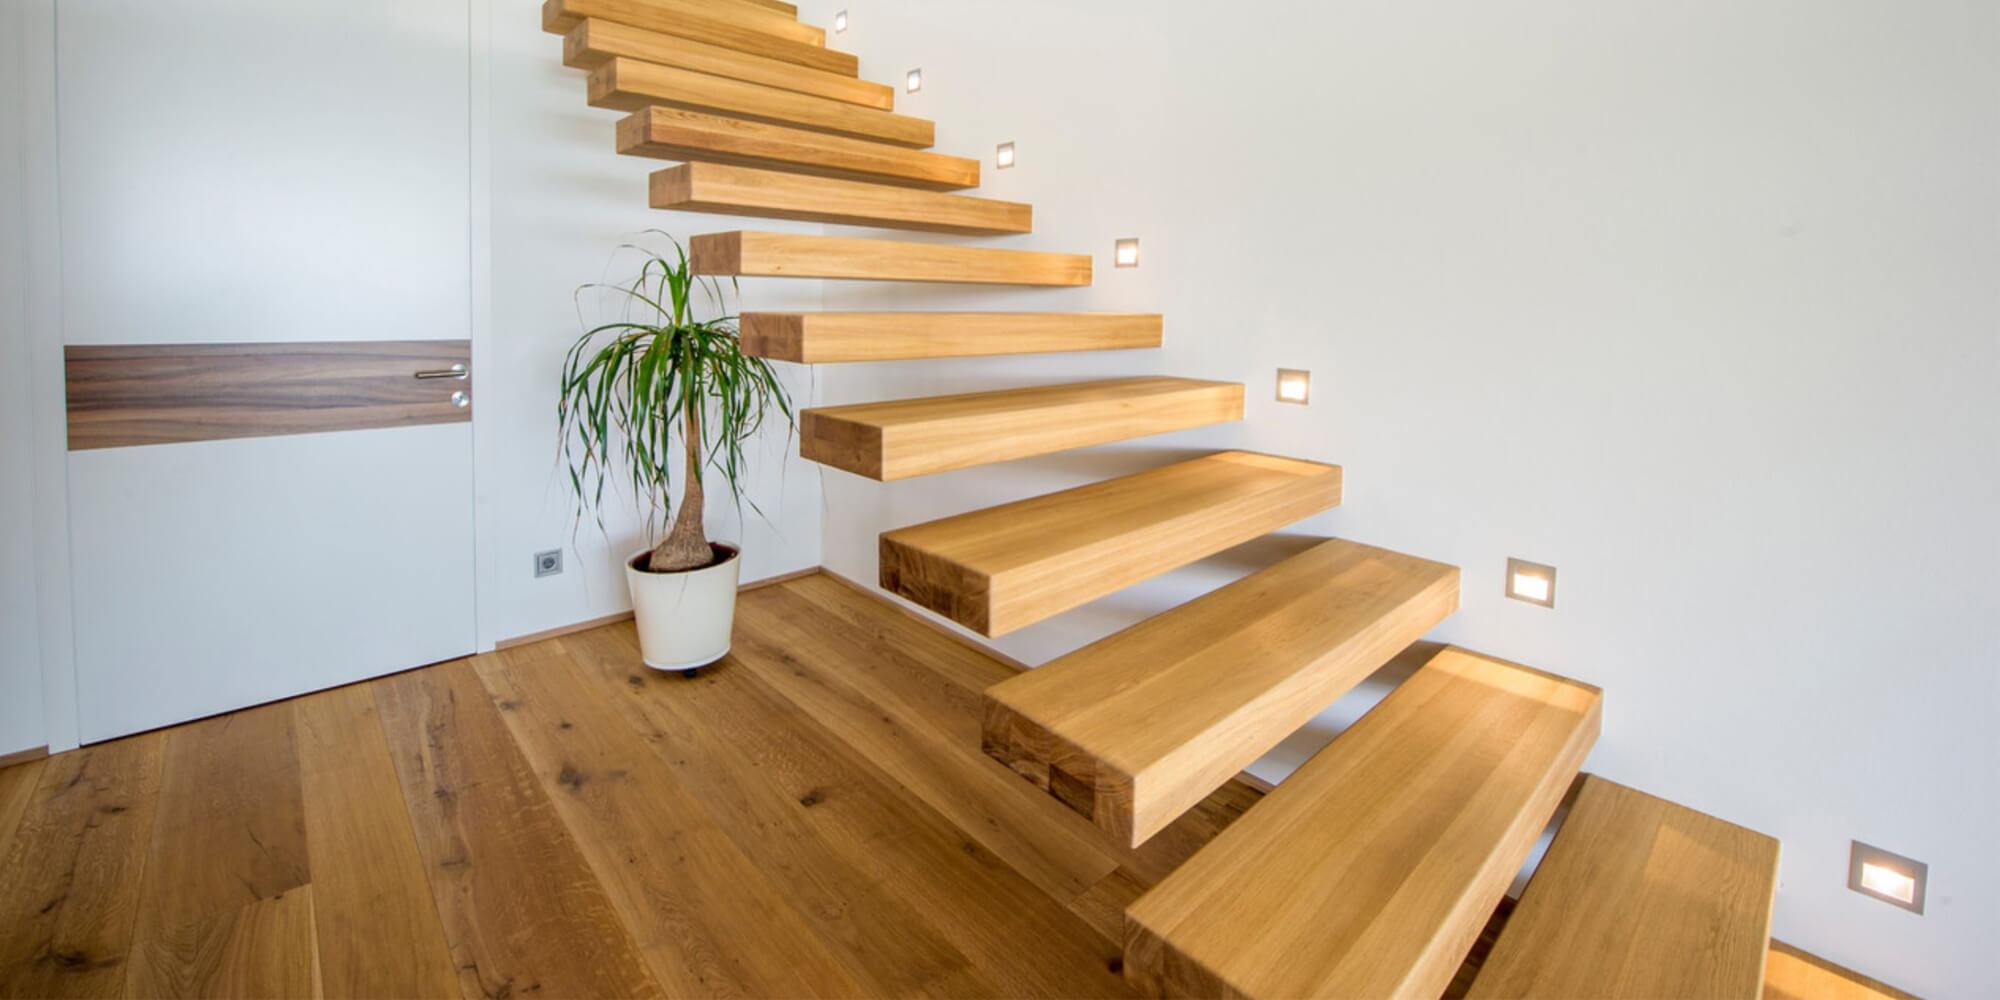 Cre-Plan-Design-Rauch-Frühmann-Architektur-Innenarchitektur-Design-Projekt-Referenz-Innenarchitektur-Möbeldesign-Einrichtung-Stiege